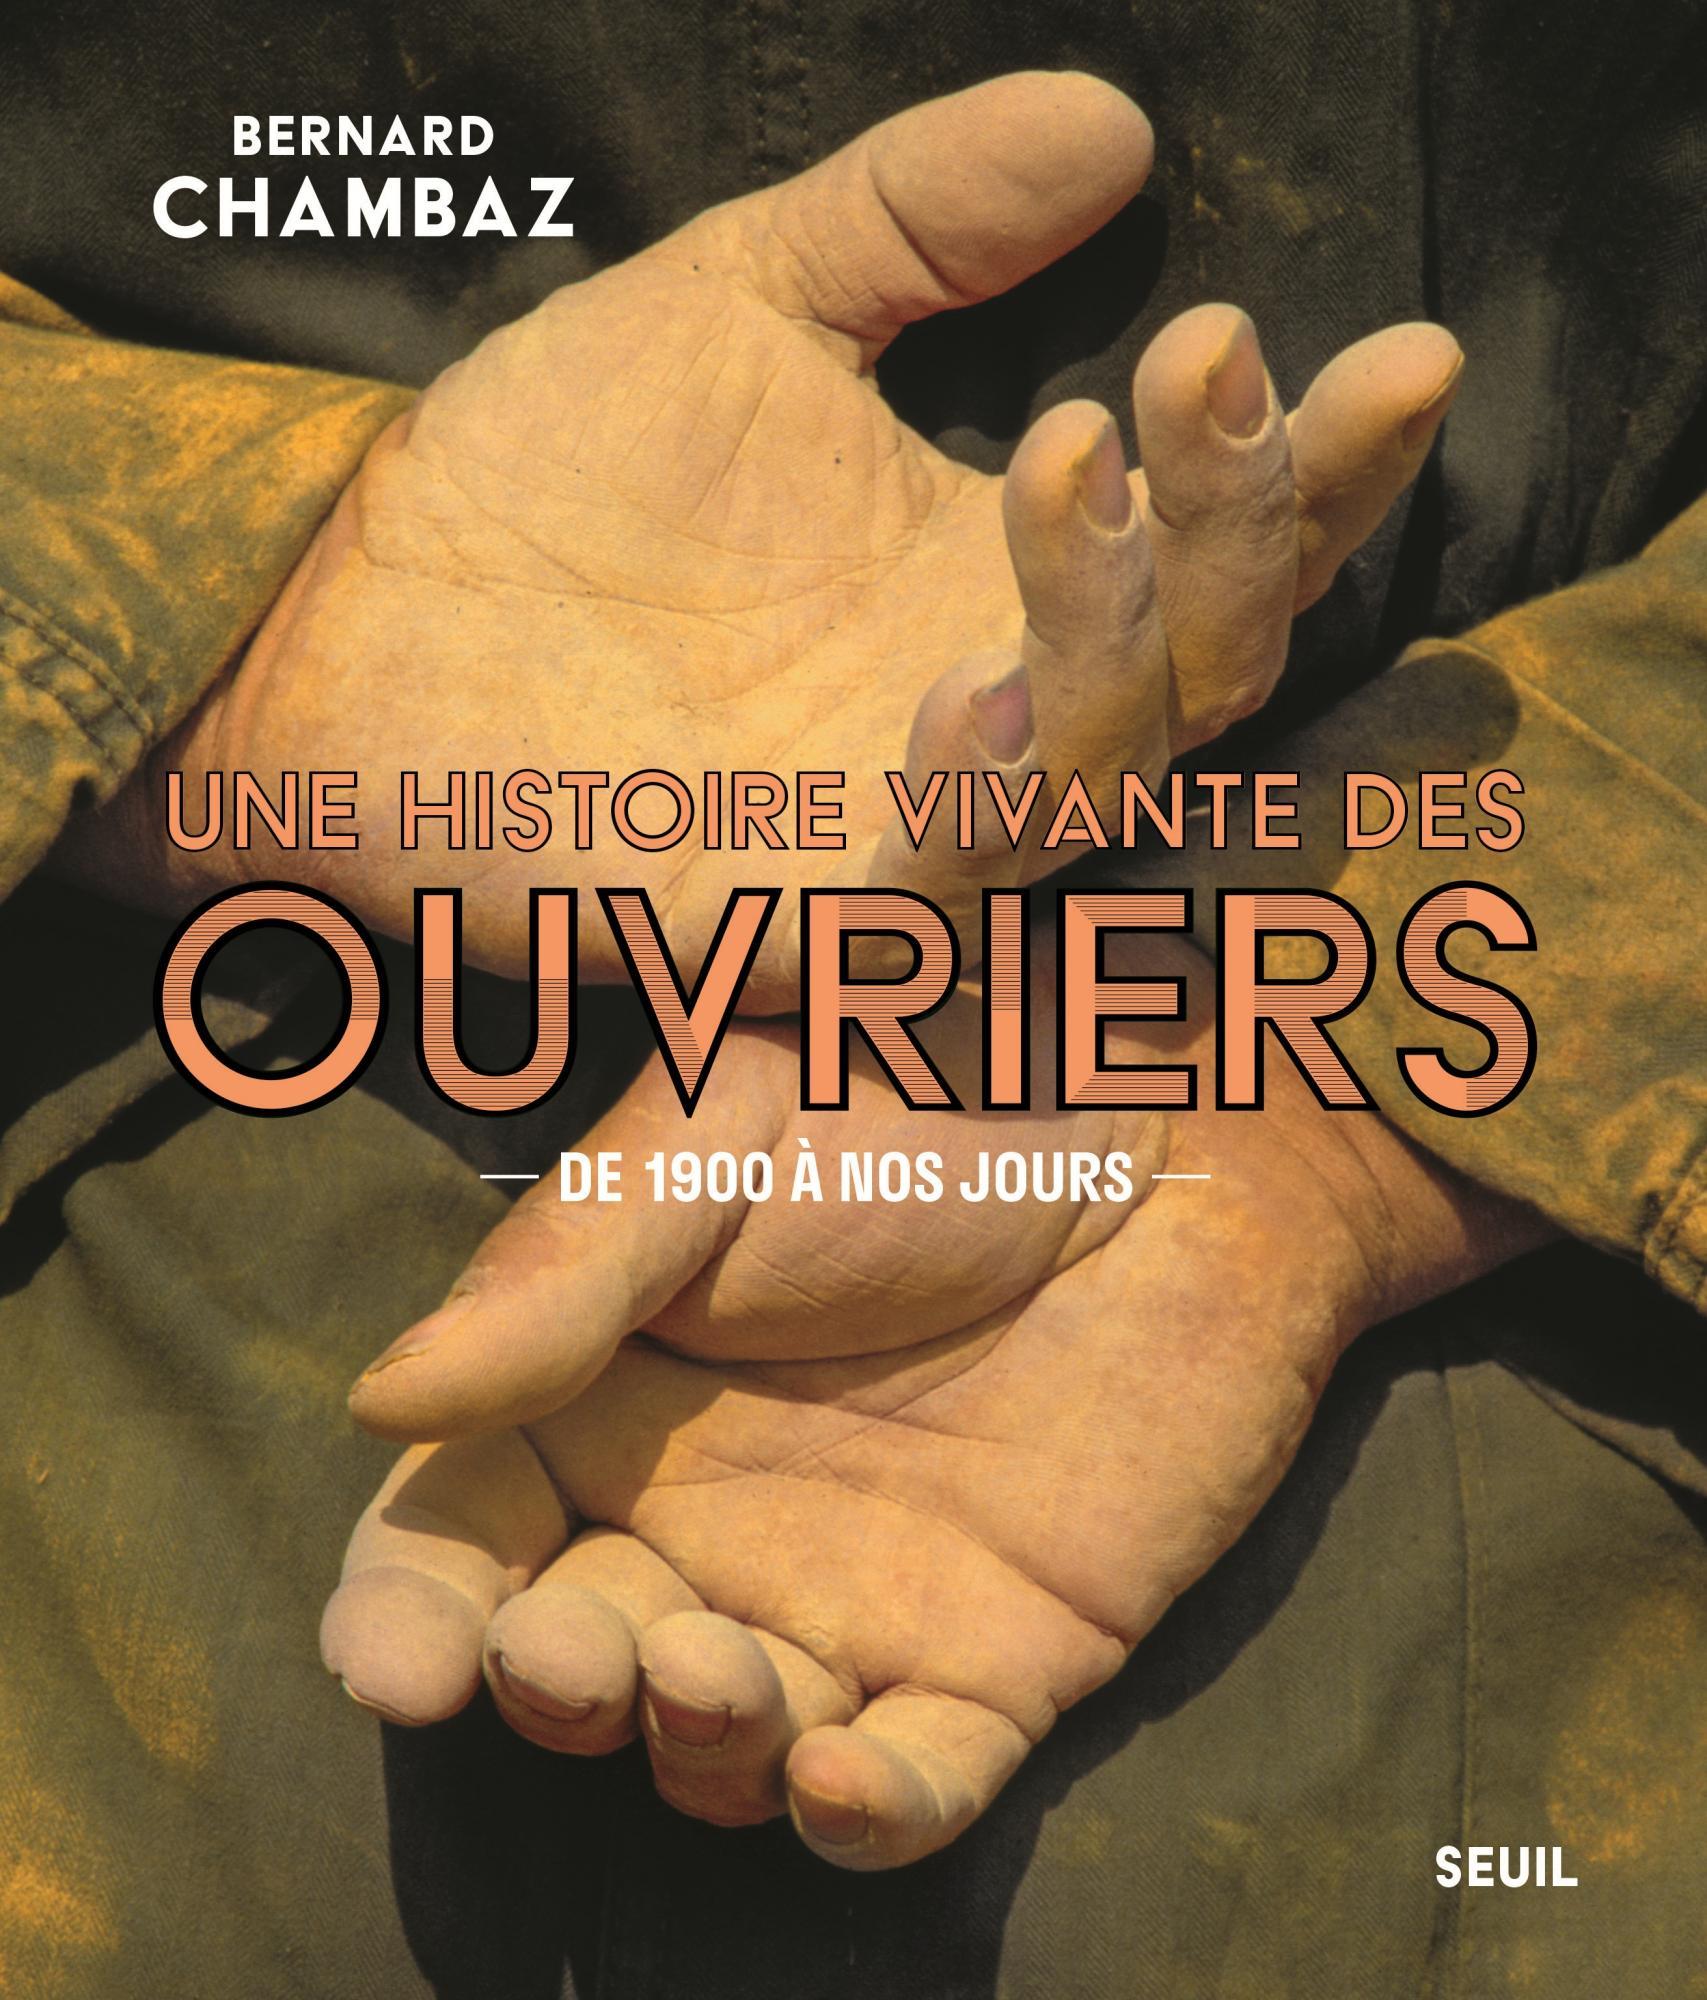 B. Chambaz, Une histoire vivante des ouvriers. De 1900 à nos jours